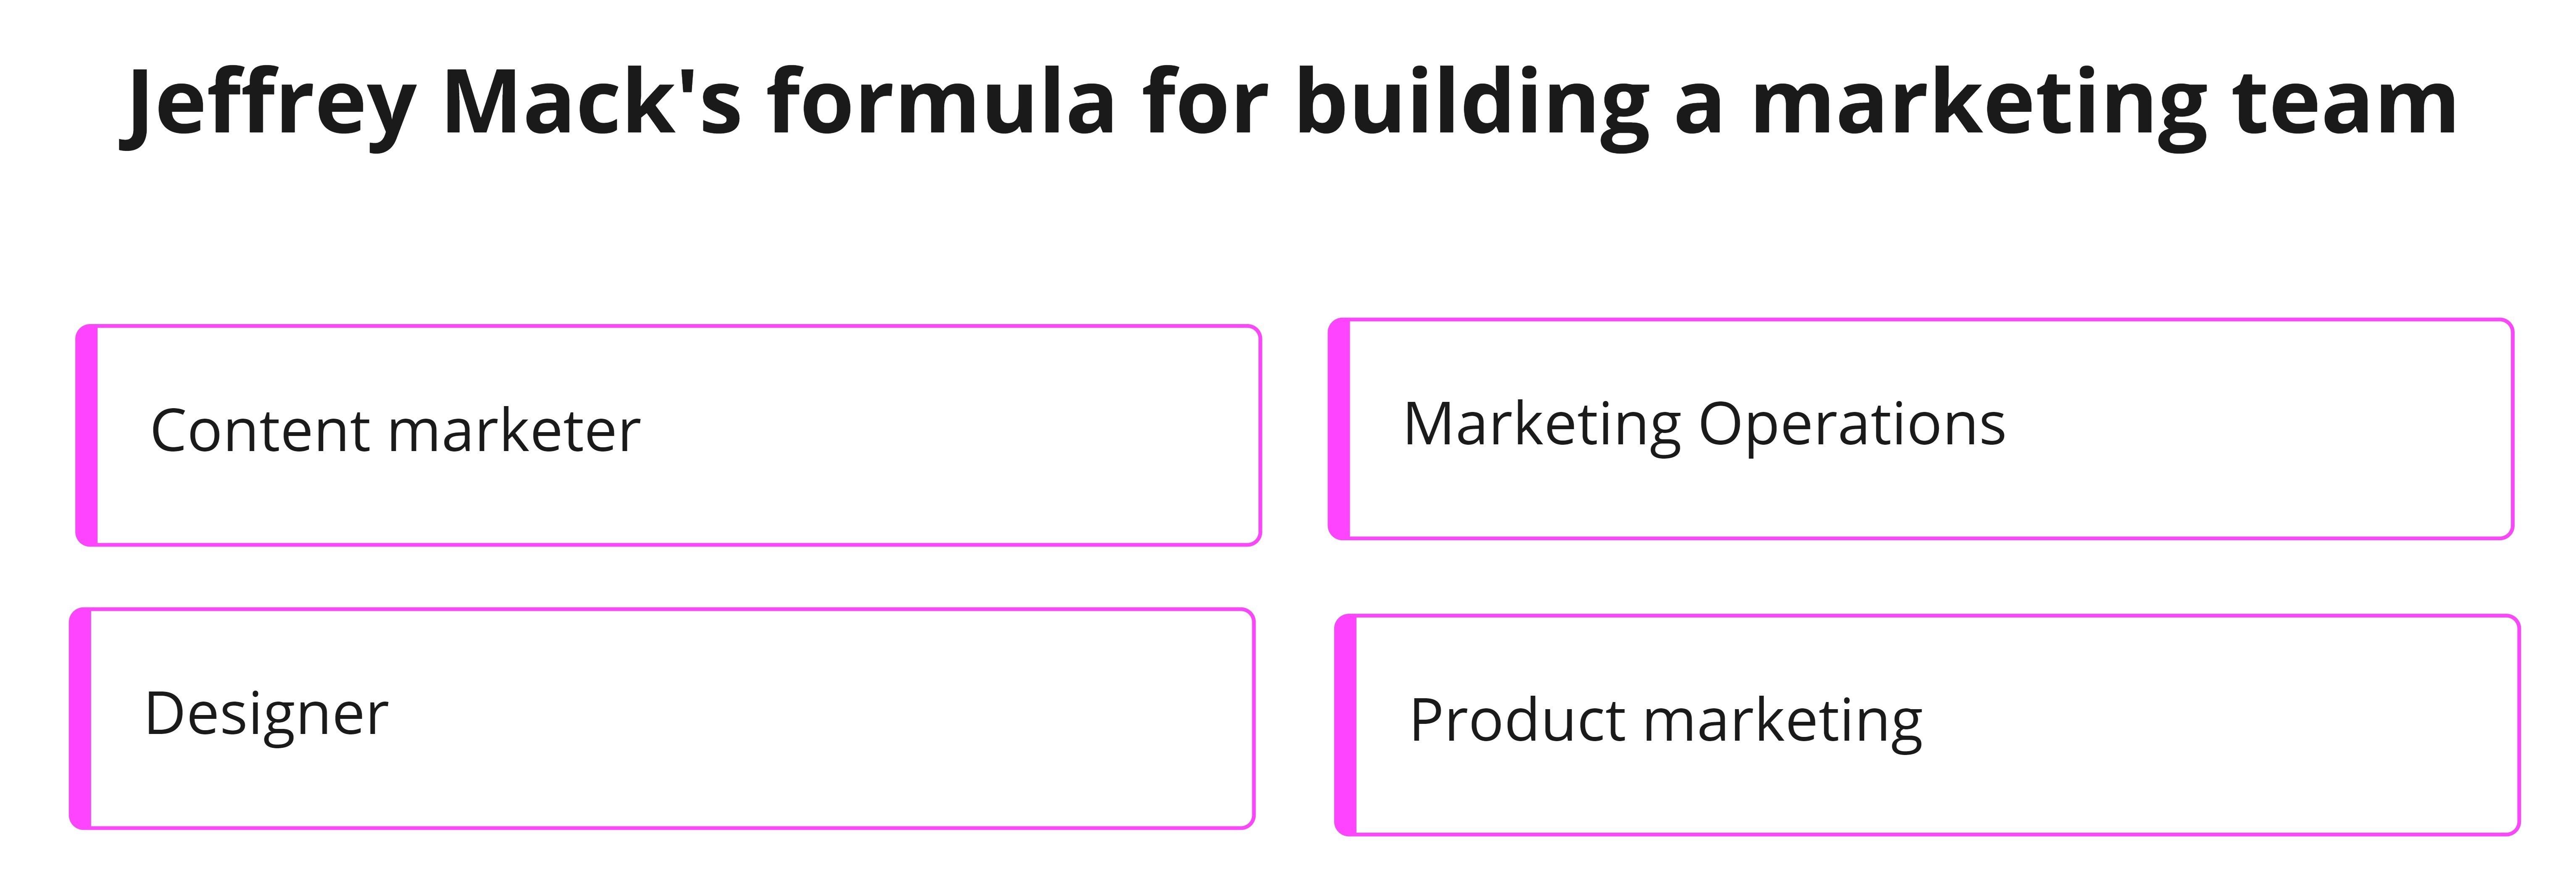 JeffreyMack's formula for building a marketing team